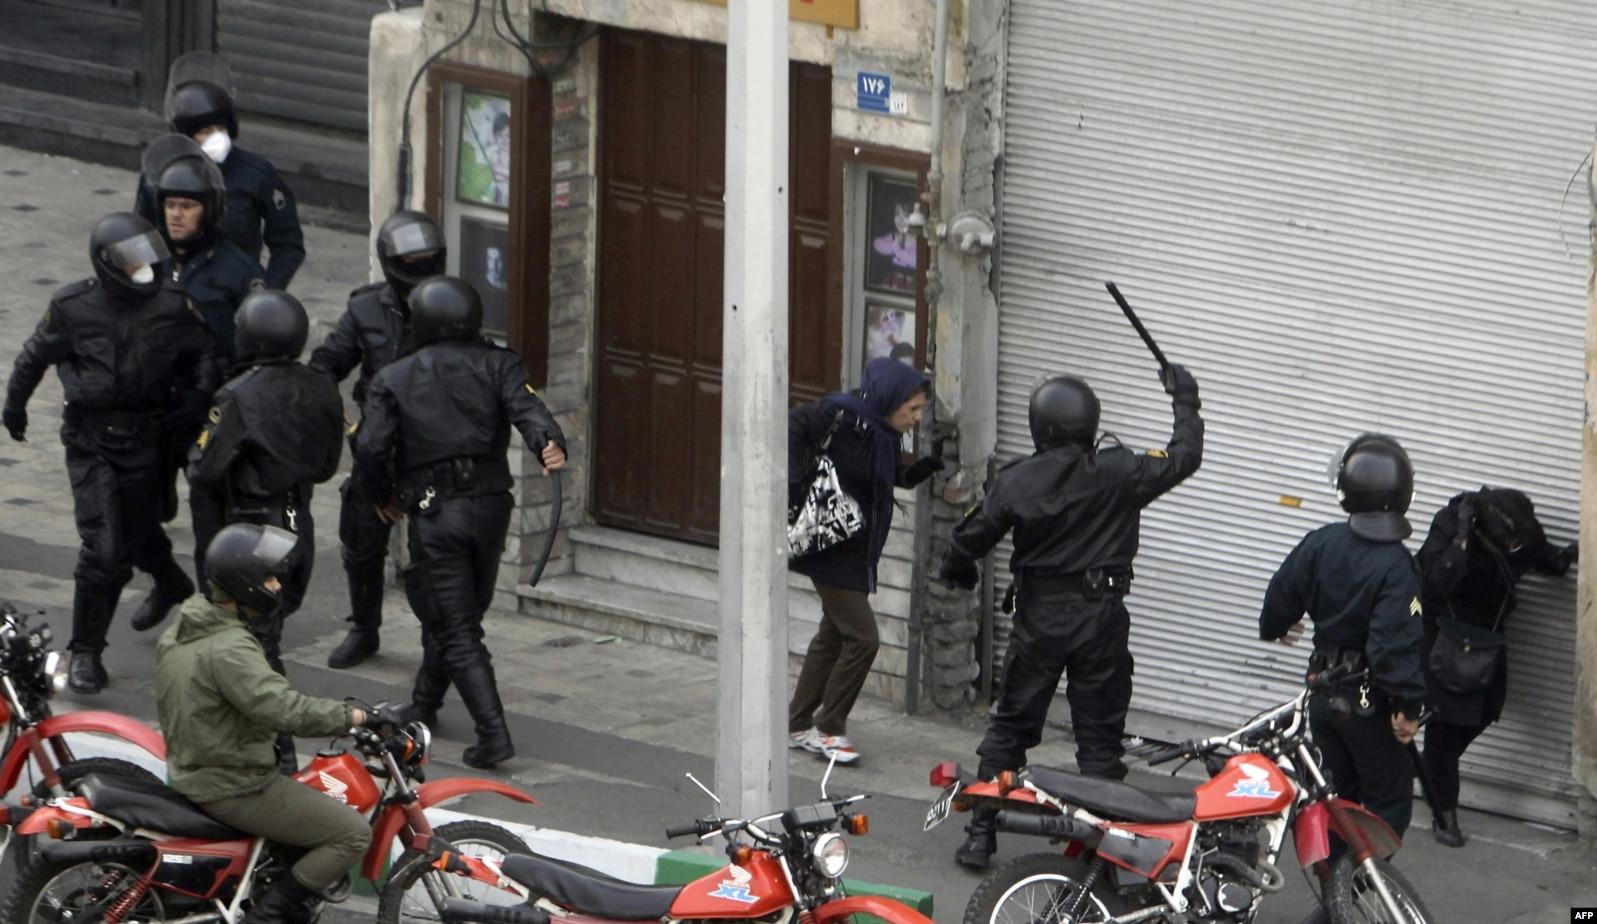 سرکوب معترضان توسط نیروهای یگان ویژه پلیس در تابستان ۸۸